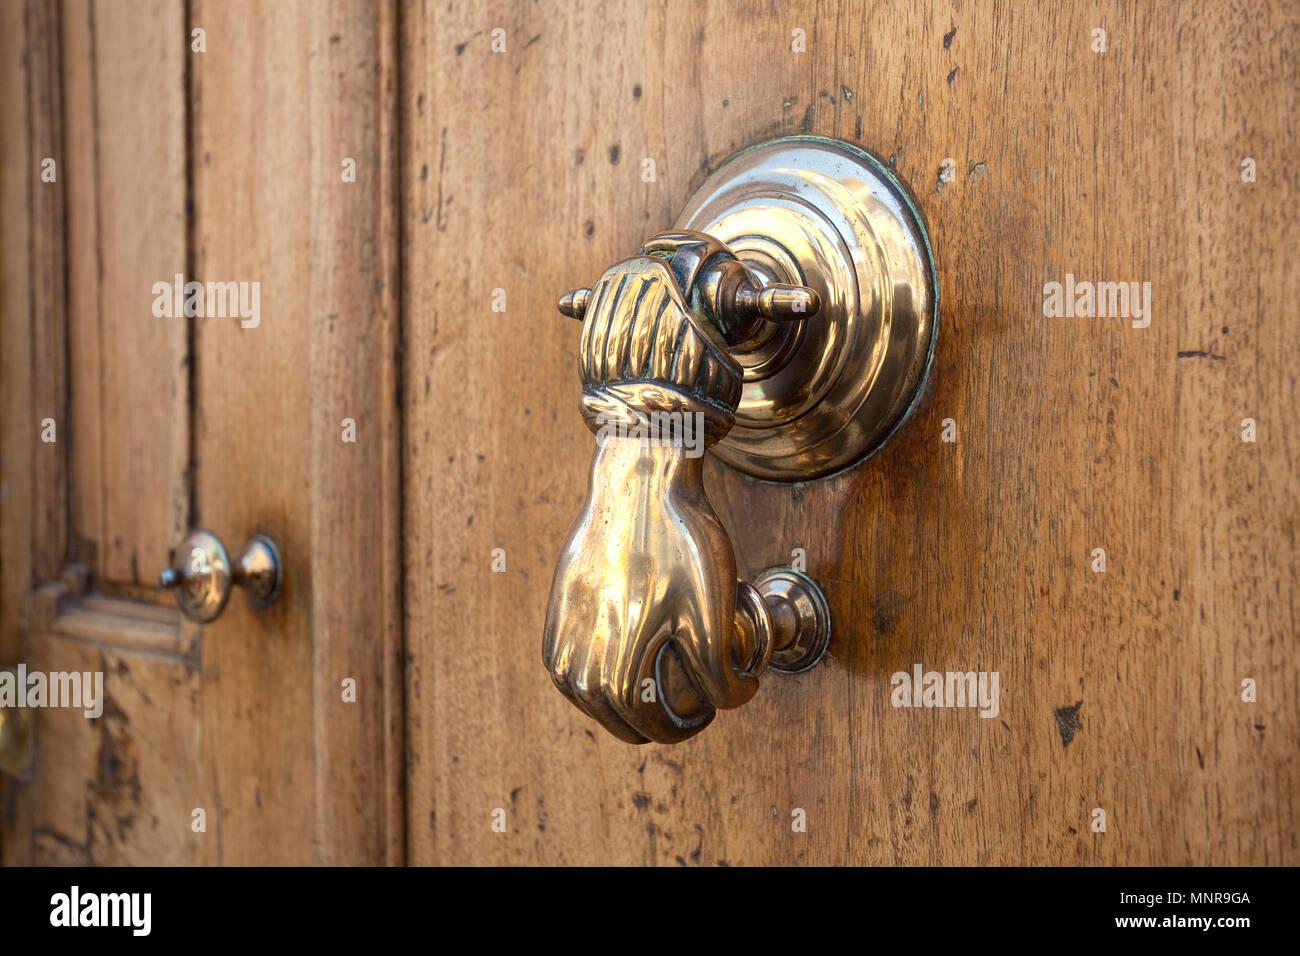 Doorknocker nostalgique à l'ancienne ville de Cassis, Bouches-du-Rhône, Provence-Alpes-Côte d'Azur, France Sud, France, Europe Photo Stock